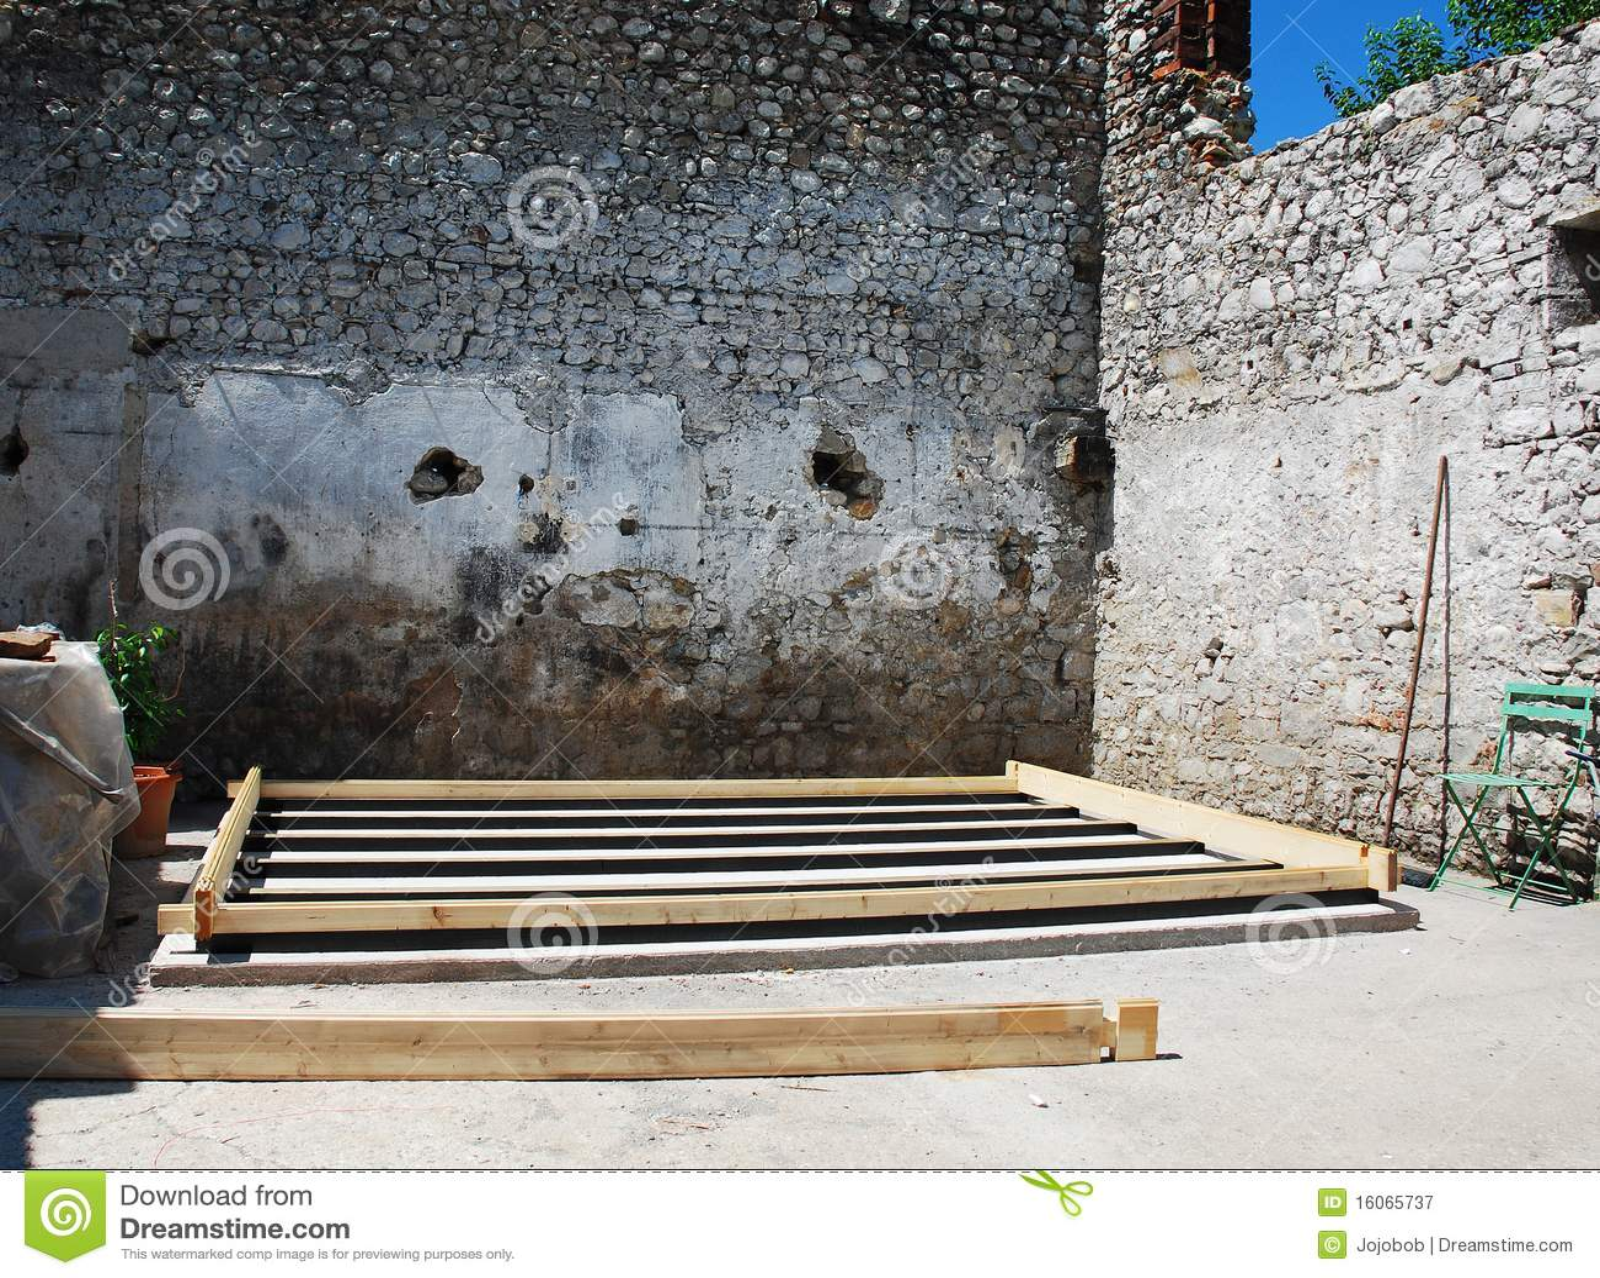 Base Concr u00e8te Et En Bois Pour La Petite Construction Photographie stock libre de droits Image  # Petite Construction En Bois